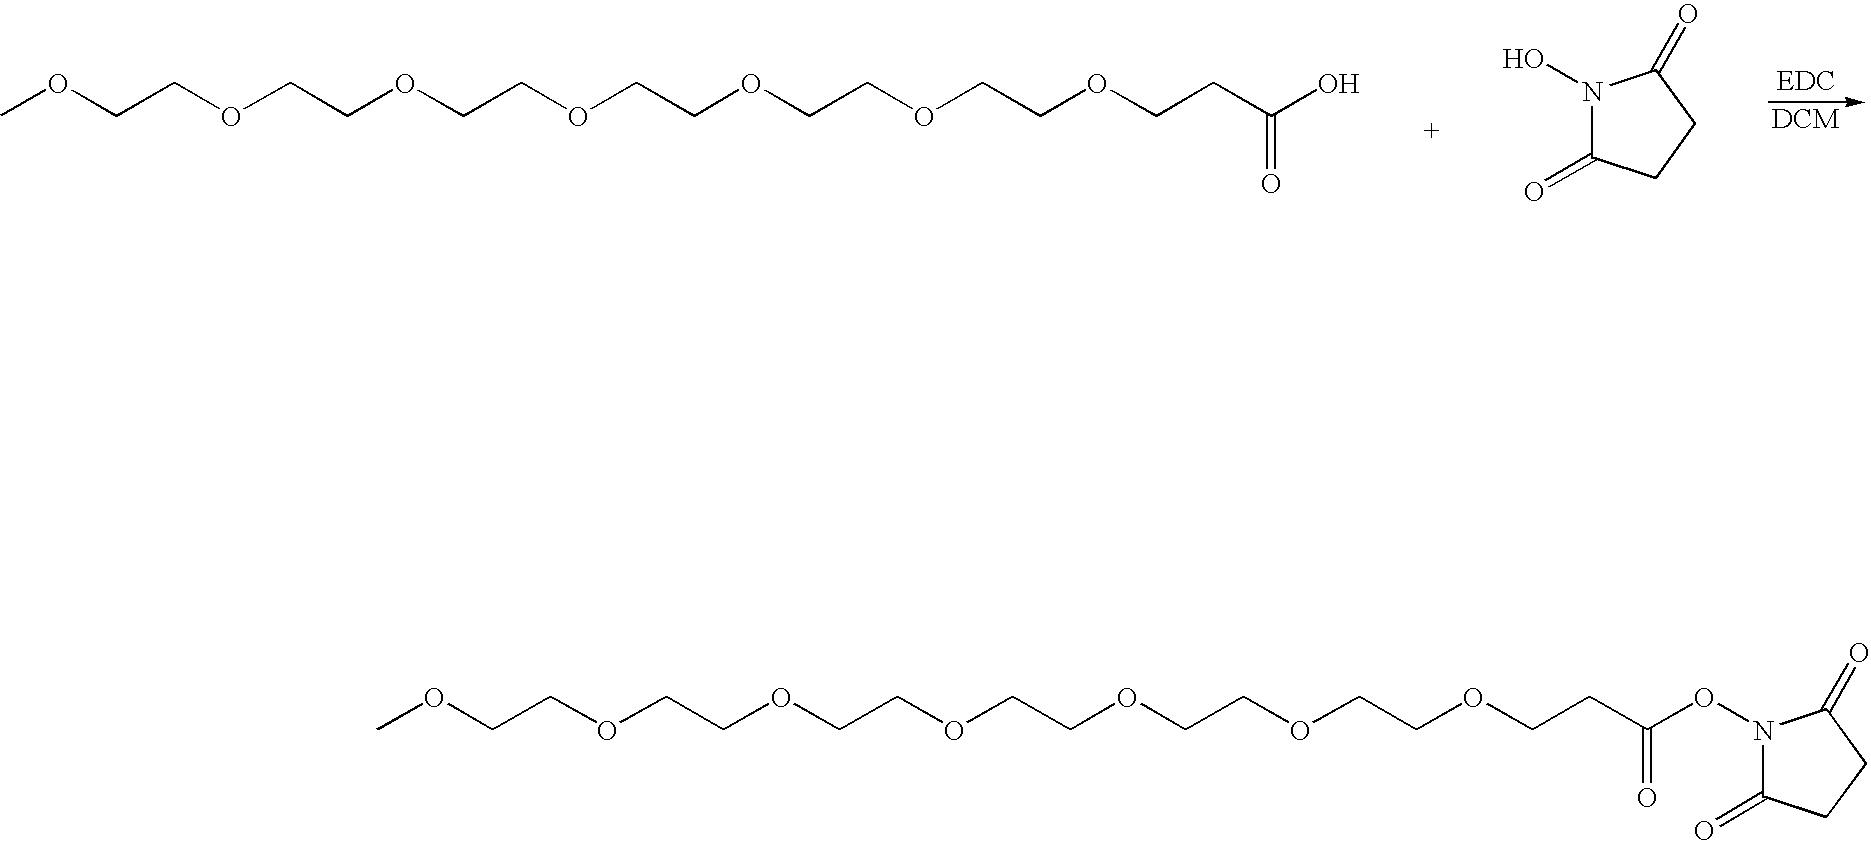 Figure US20060018874A1-20060126-C00018